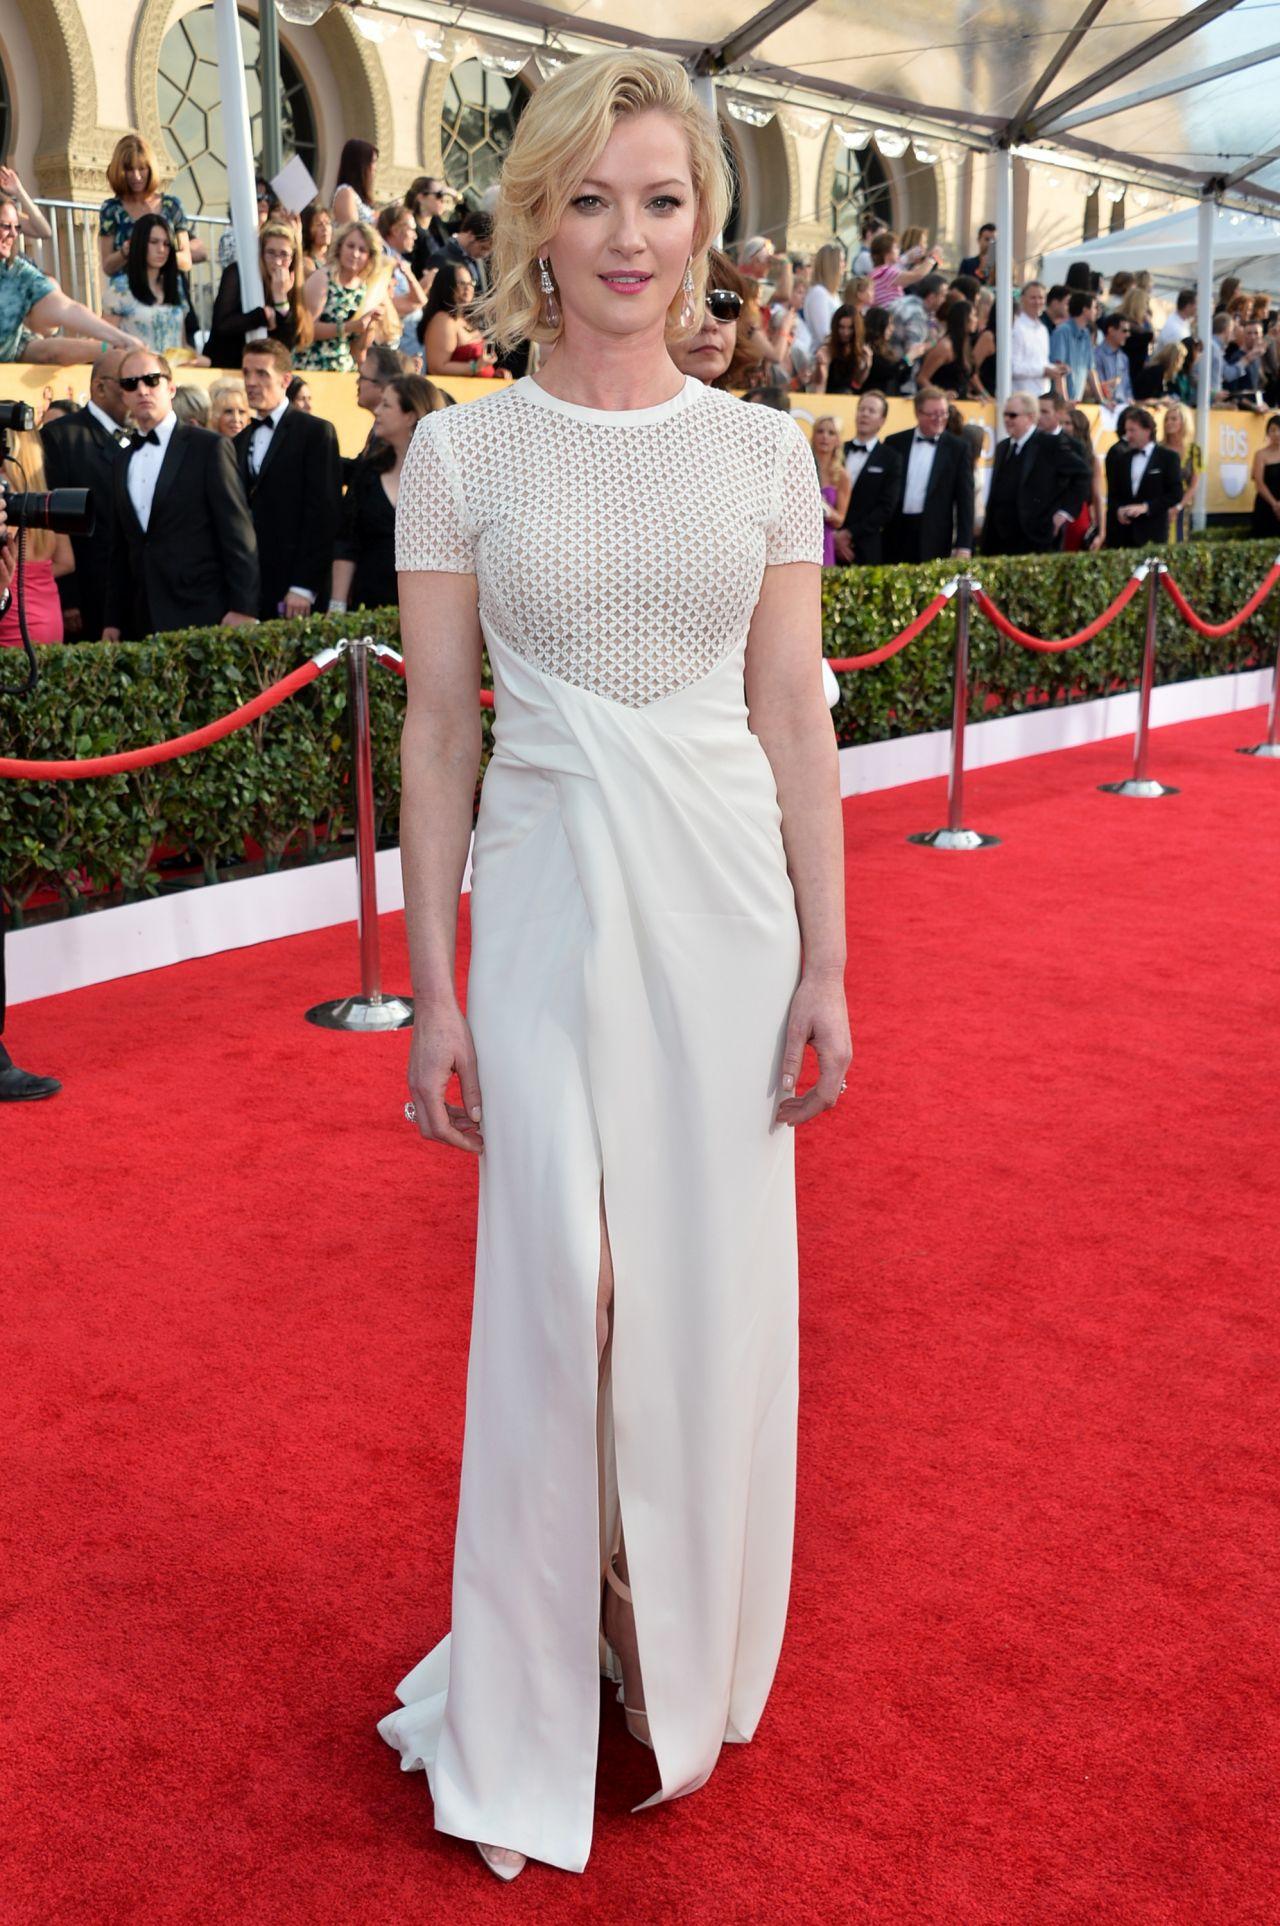 Gretchen Mol Wears J Mendel Gown at 2014 SAG Awards